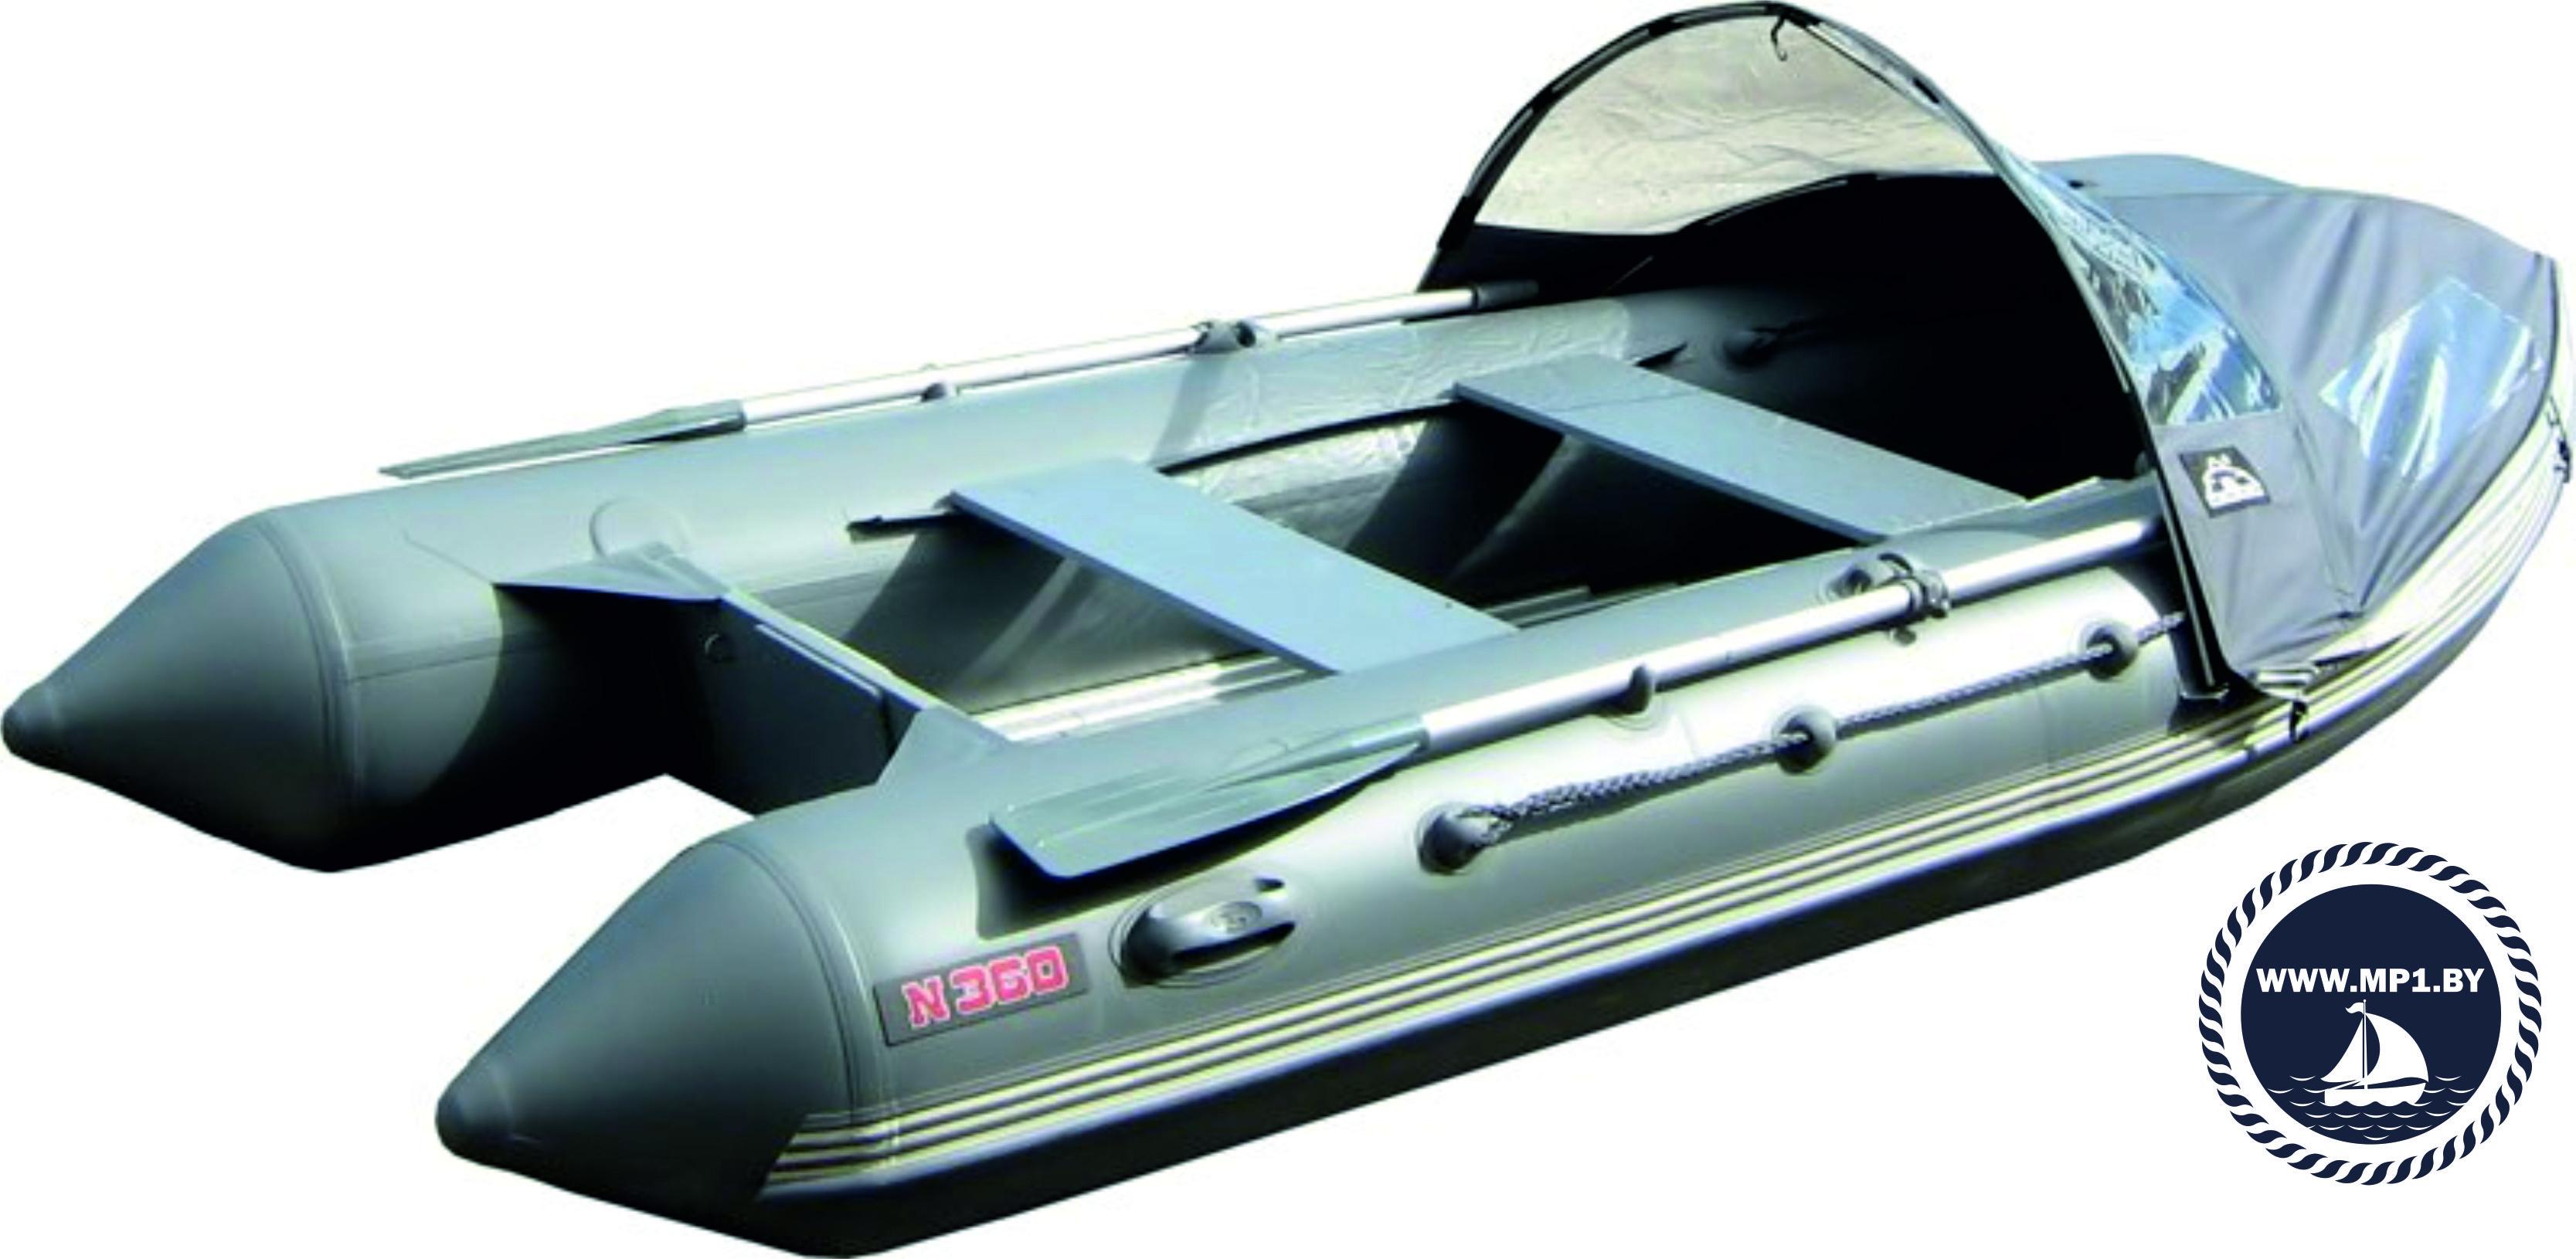 строительные лодки